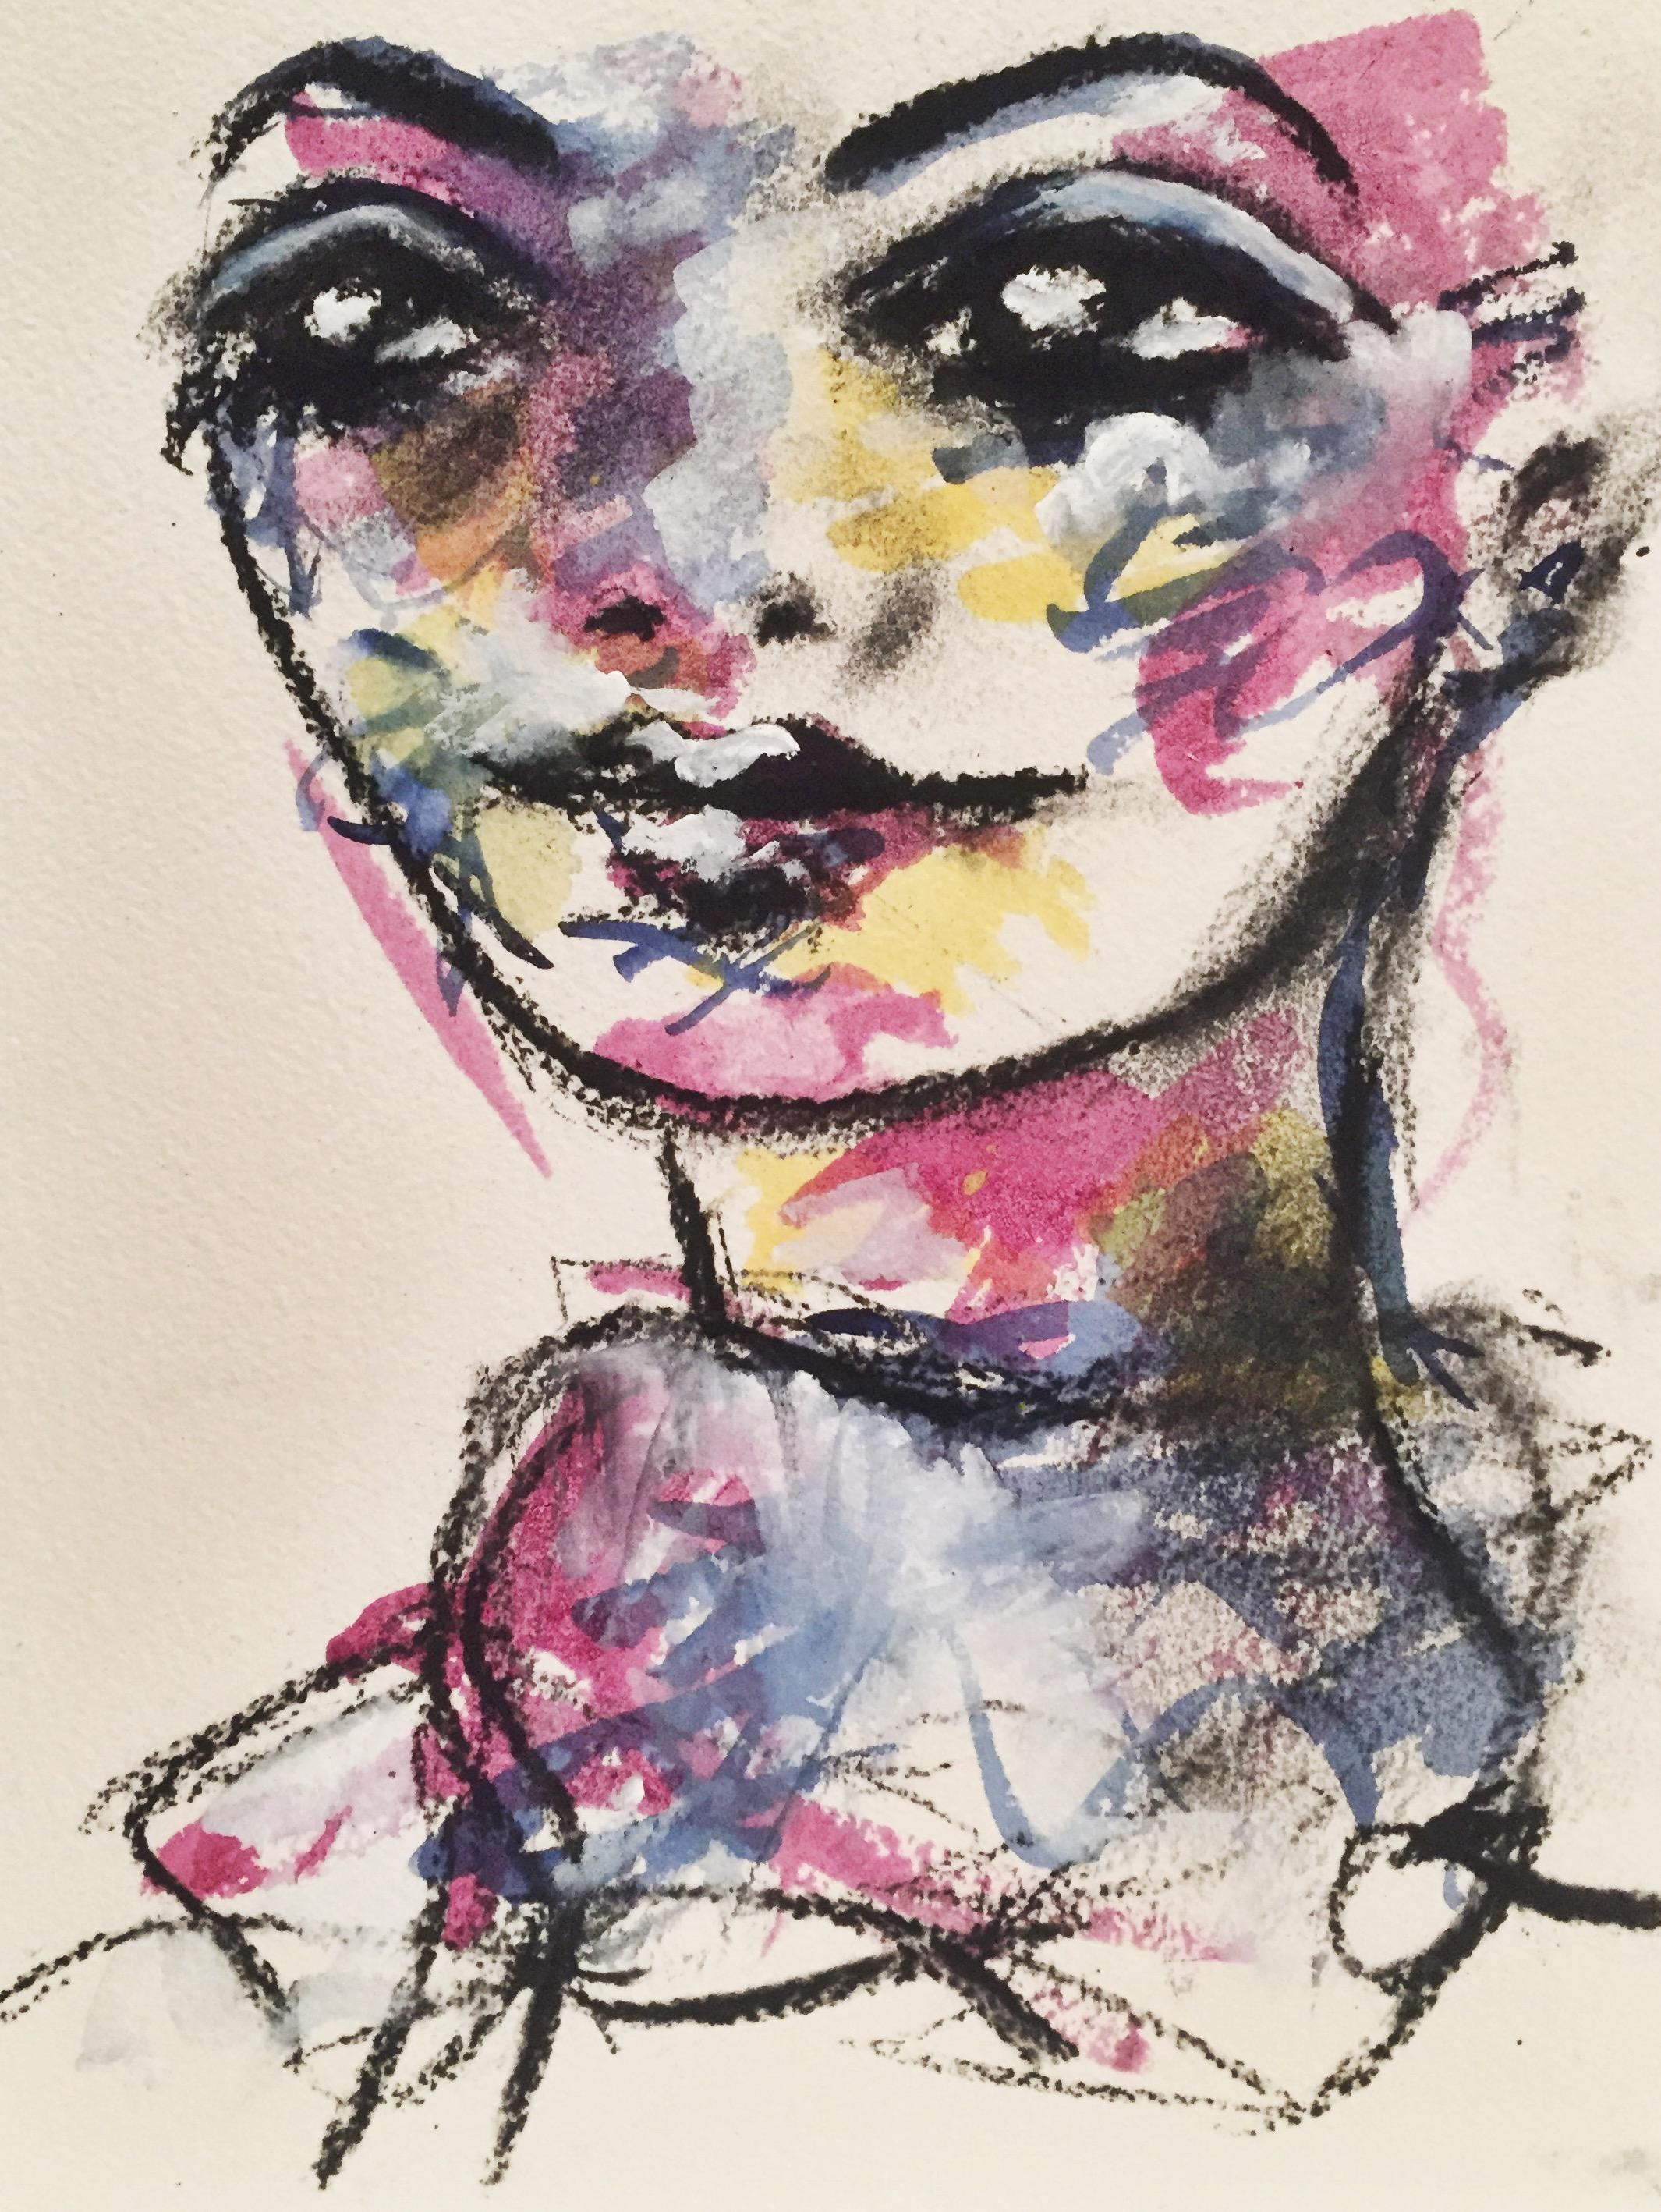 Expressionist Paris, Portrait 2